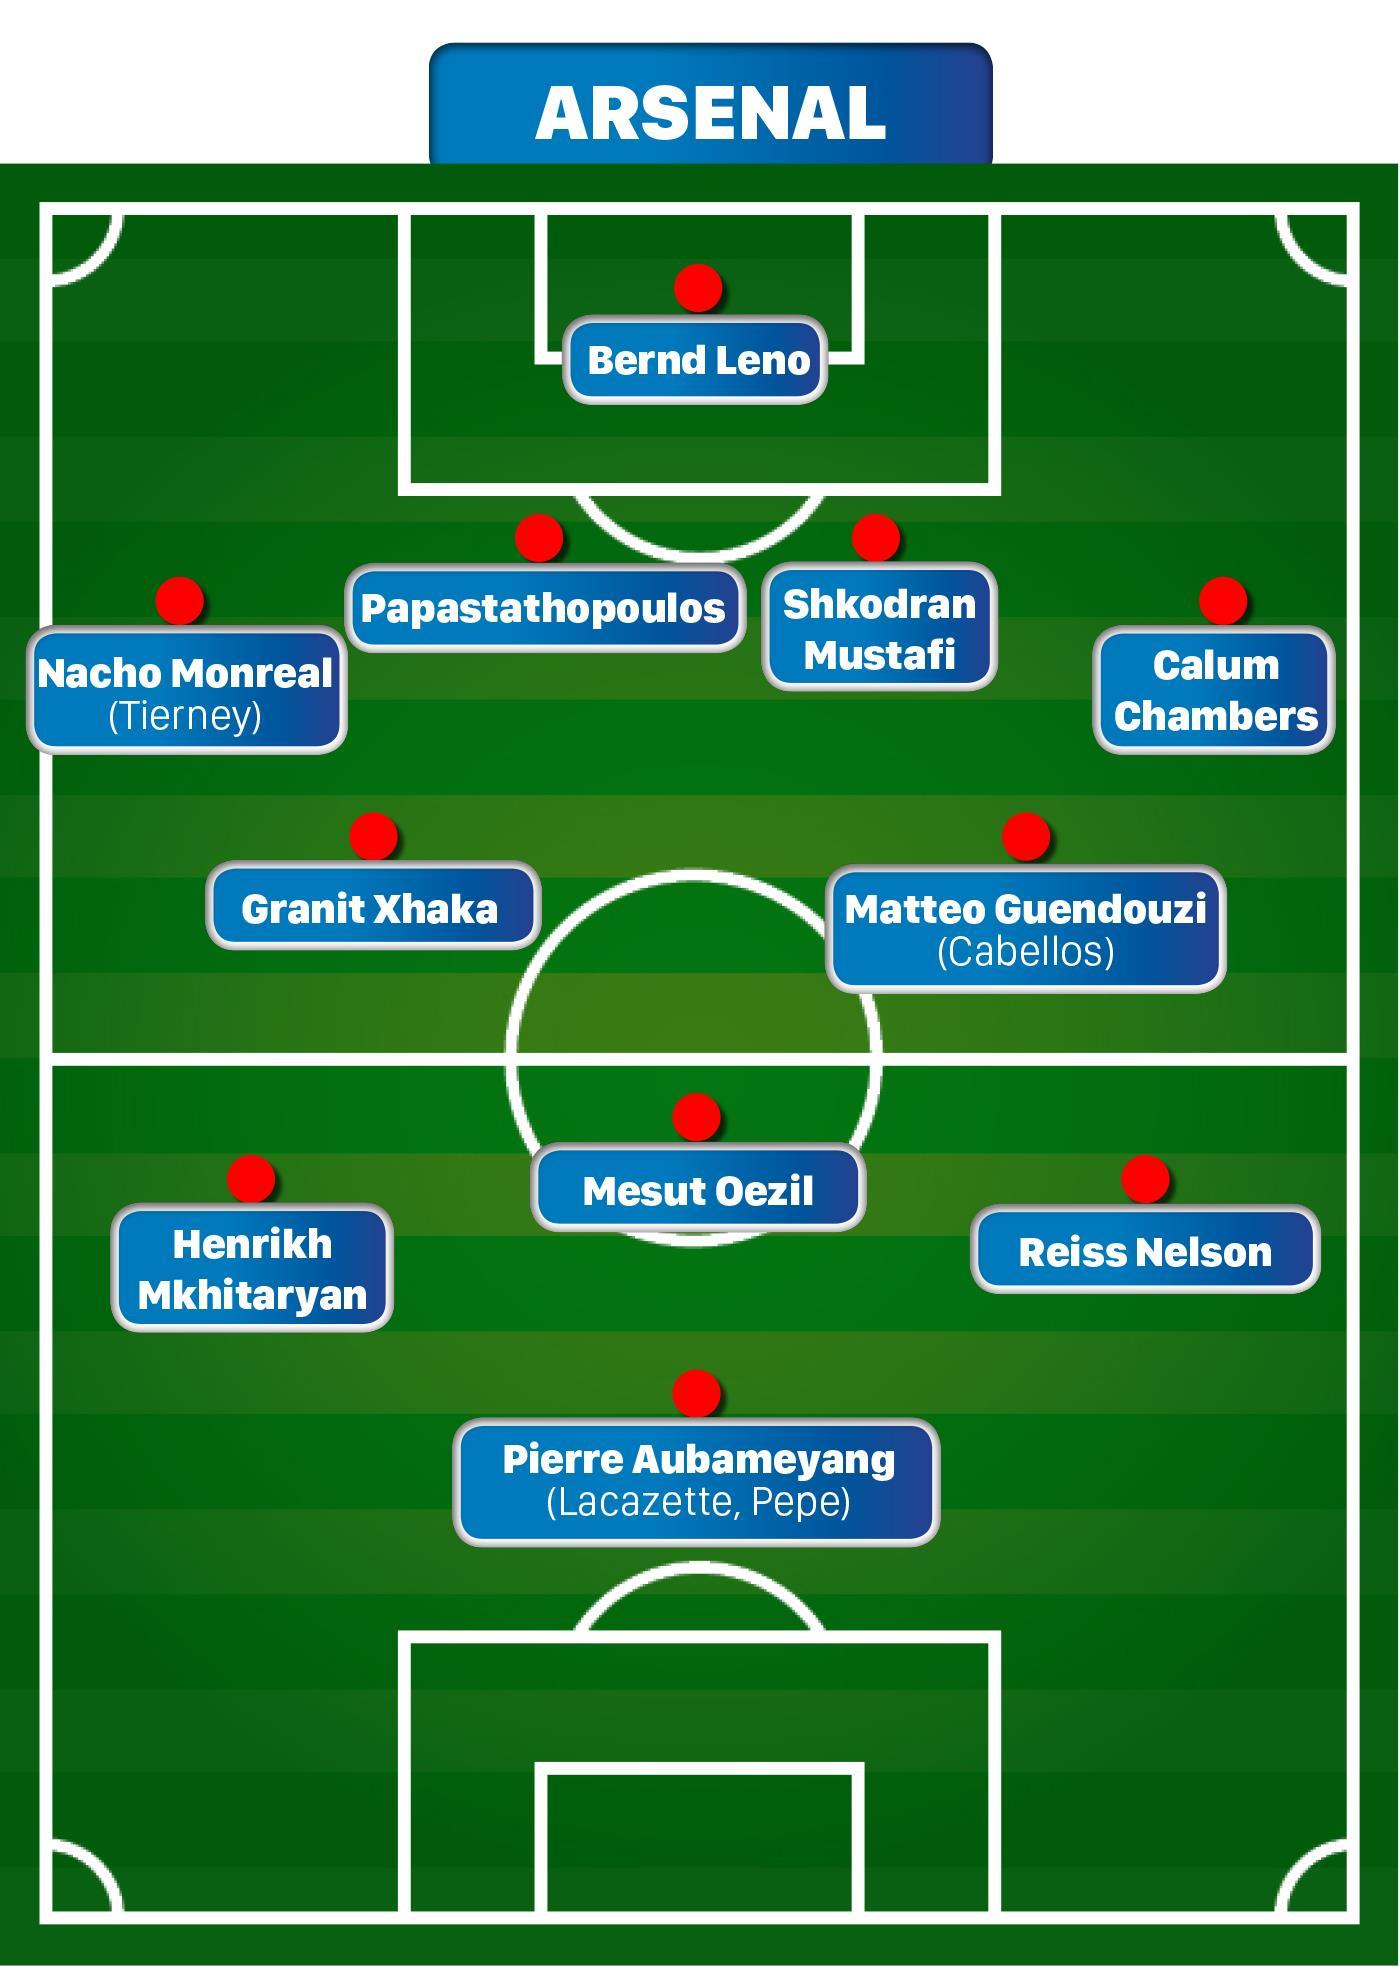 Chân dung 6 đại gia Ngoại hạng Anh: Arsenal - Mùa thứ 2 của Unai Emery ảnh 6